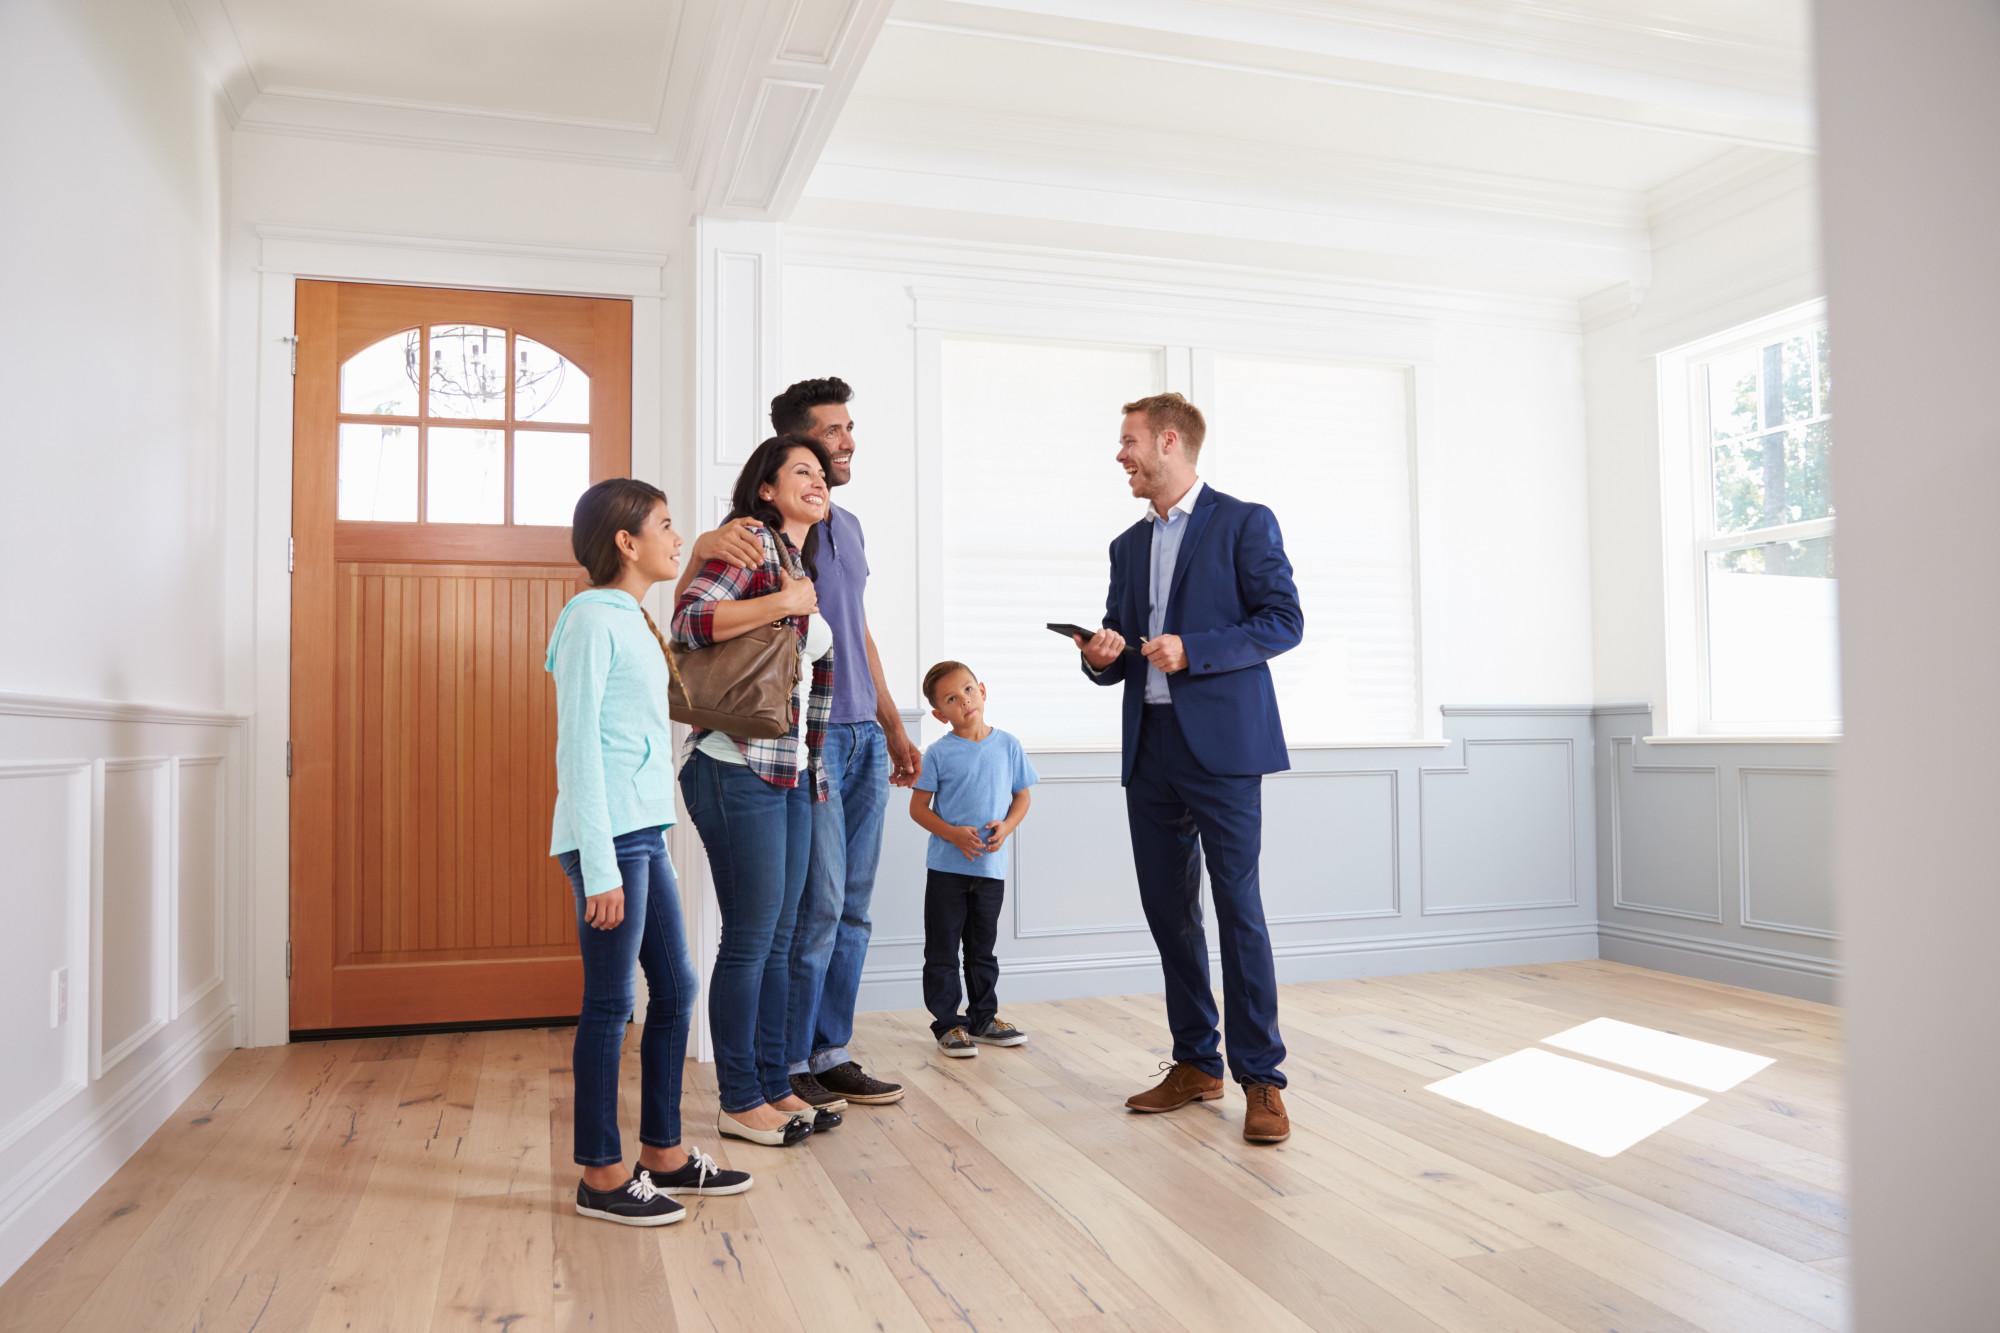 фото недвижимости семья что это был